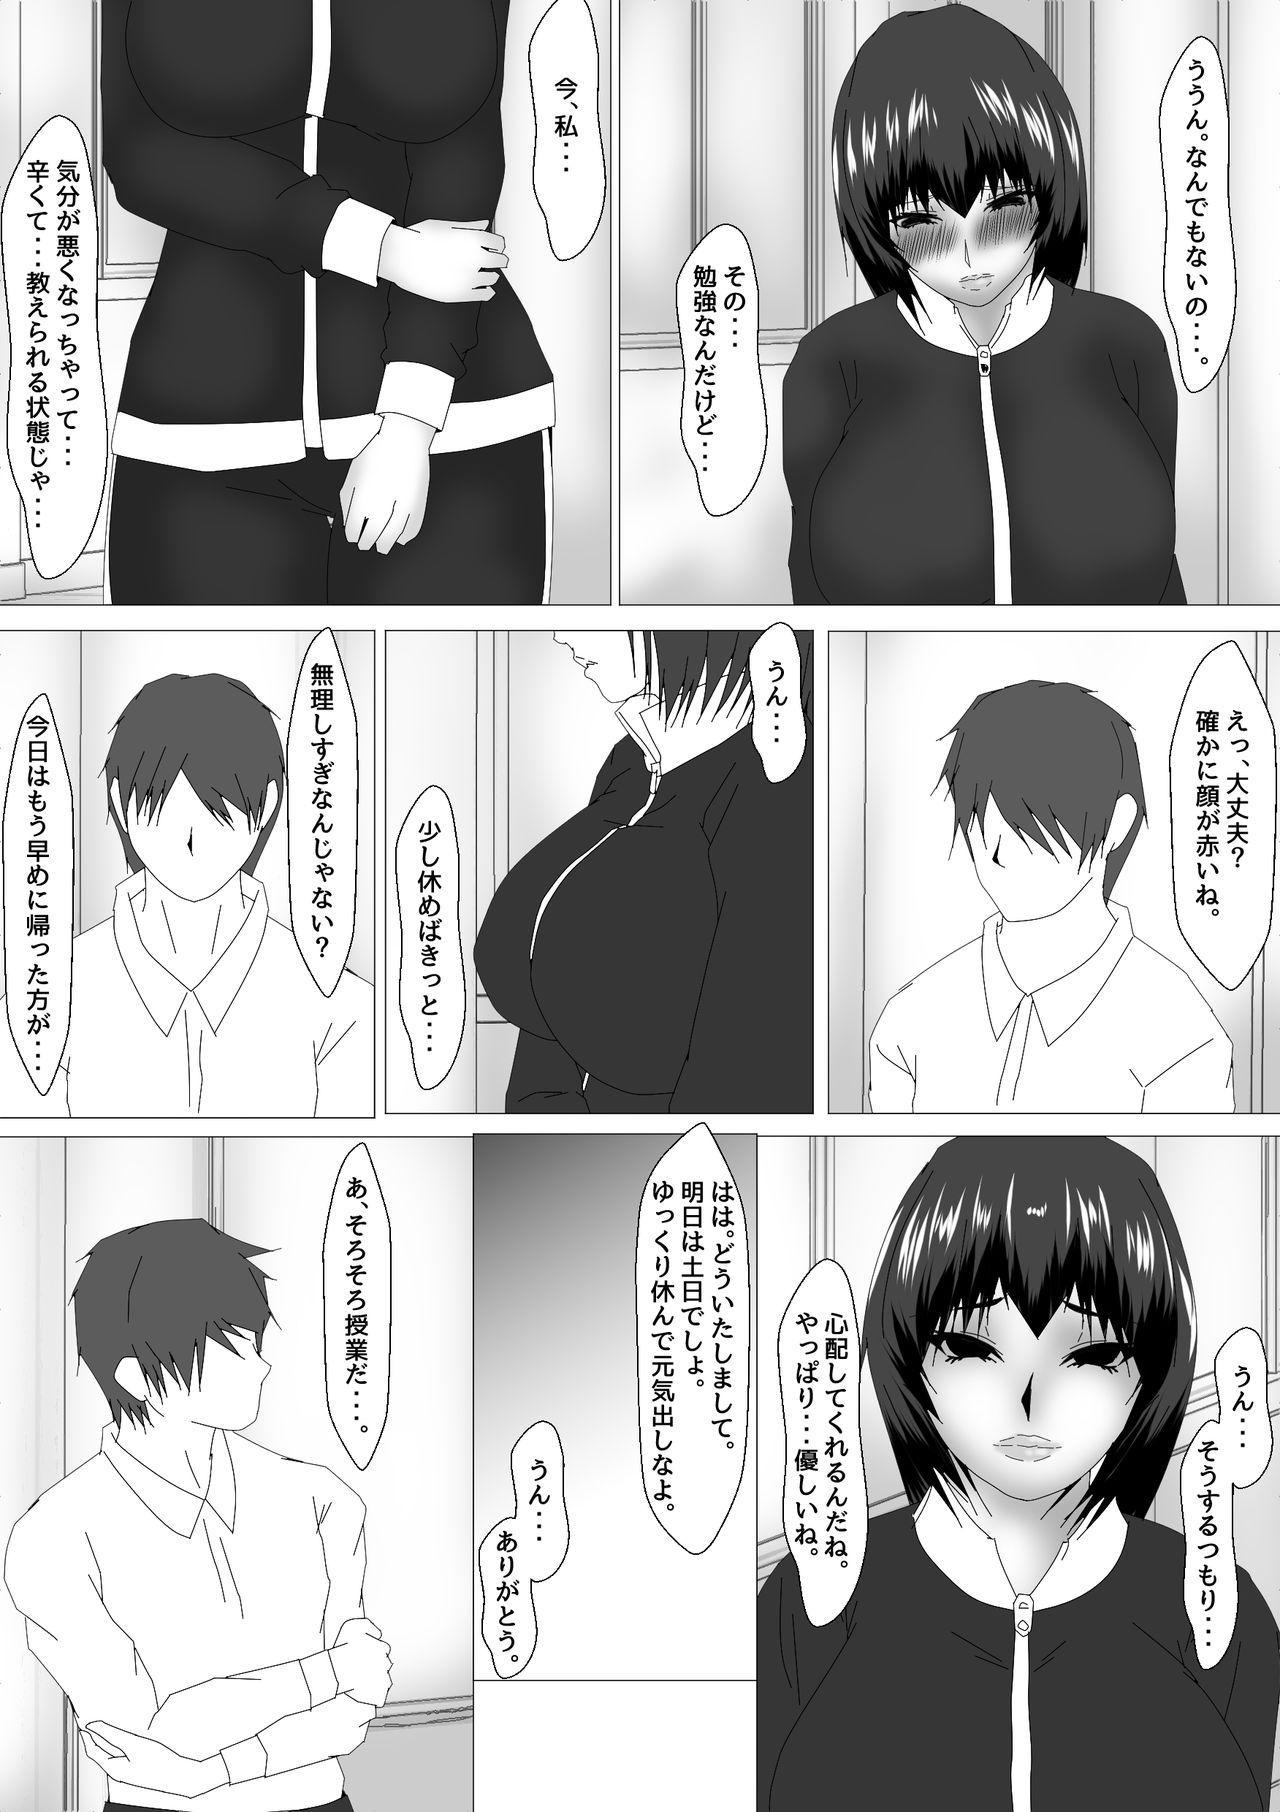 Onna Kyoushi Shinozaki Rin no Choukyou Kiroku 128